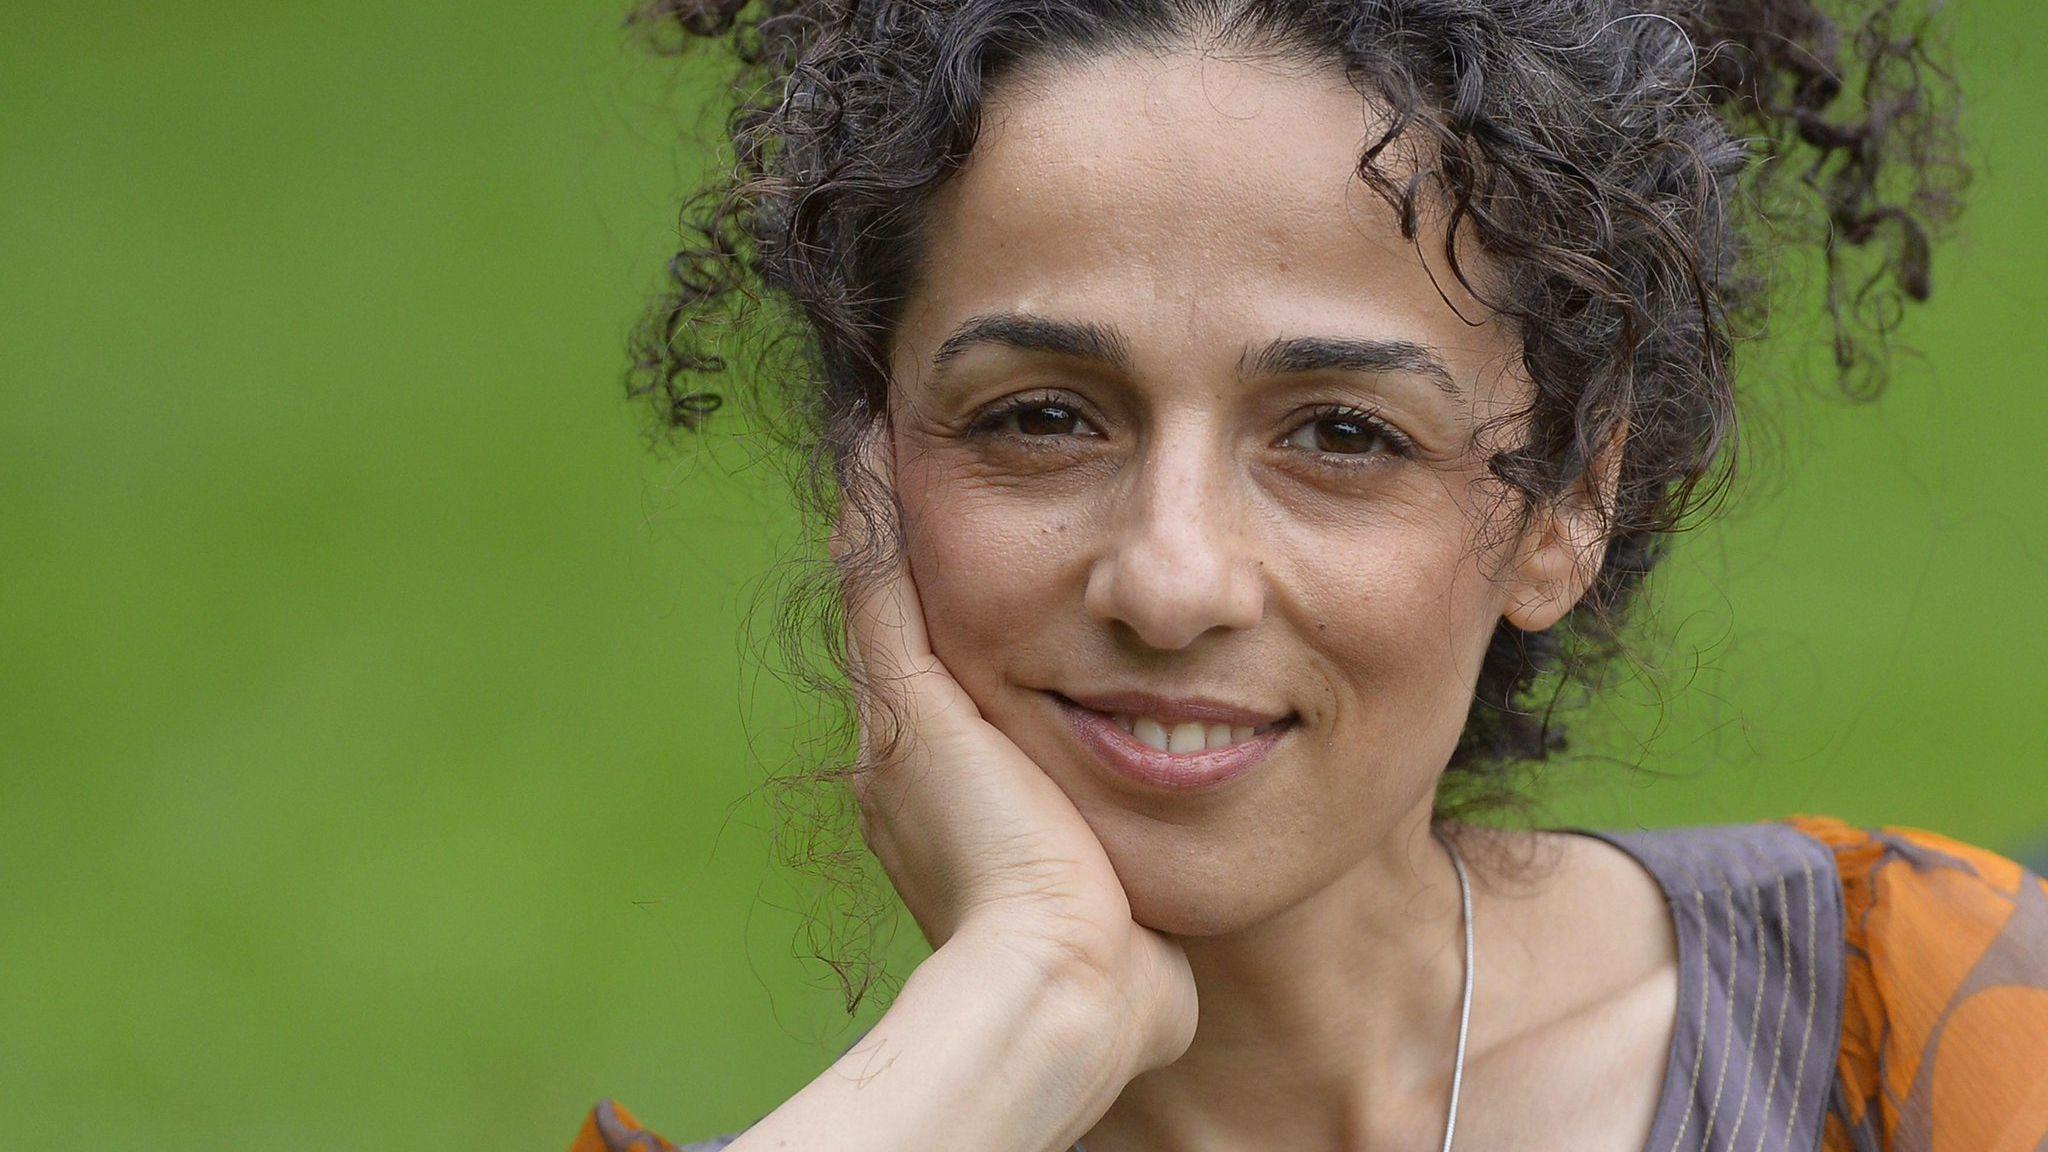 Masih Alinejad, de 37 años, periodista iraní residente en Gran Bretaña, posa para un retrato en Londres el 8 de octubre de 2013. REUTERS / Toby Melville